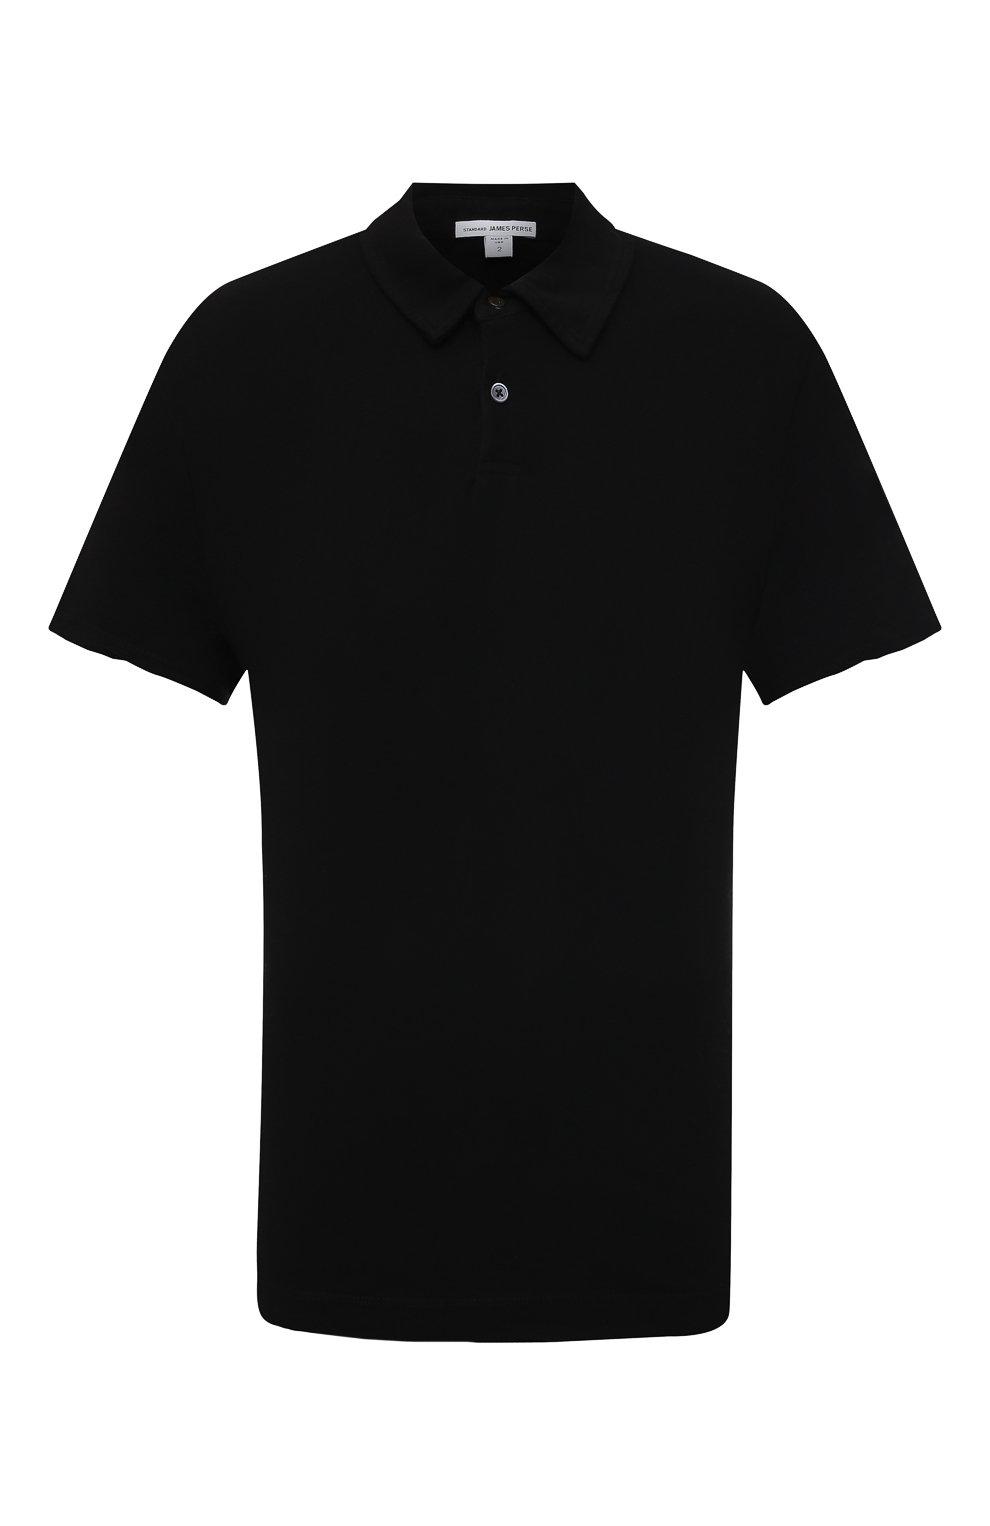 Мужское хлопковое поло JAMES PERSE черного цвета, арт. MDTS3379 | Фото 1 (Застежка: Пуговицы; Рукава: Короткие; Длина (для топов): Удлиненные; Материал внешний: Хлопок; Стили: Кэжуэл)